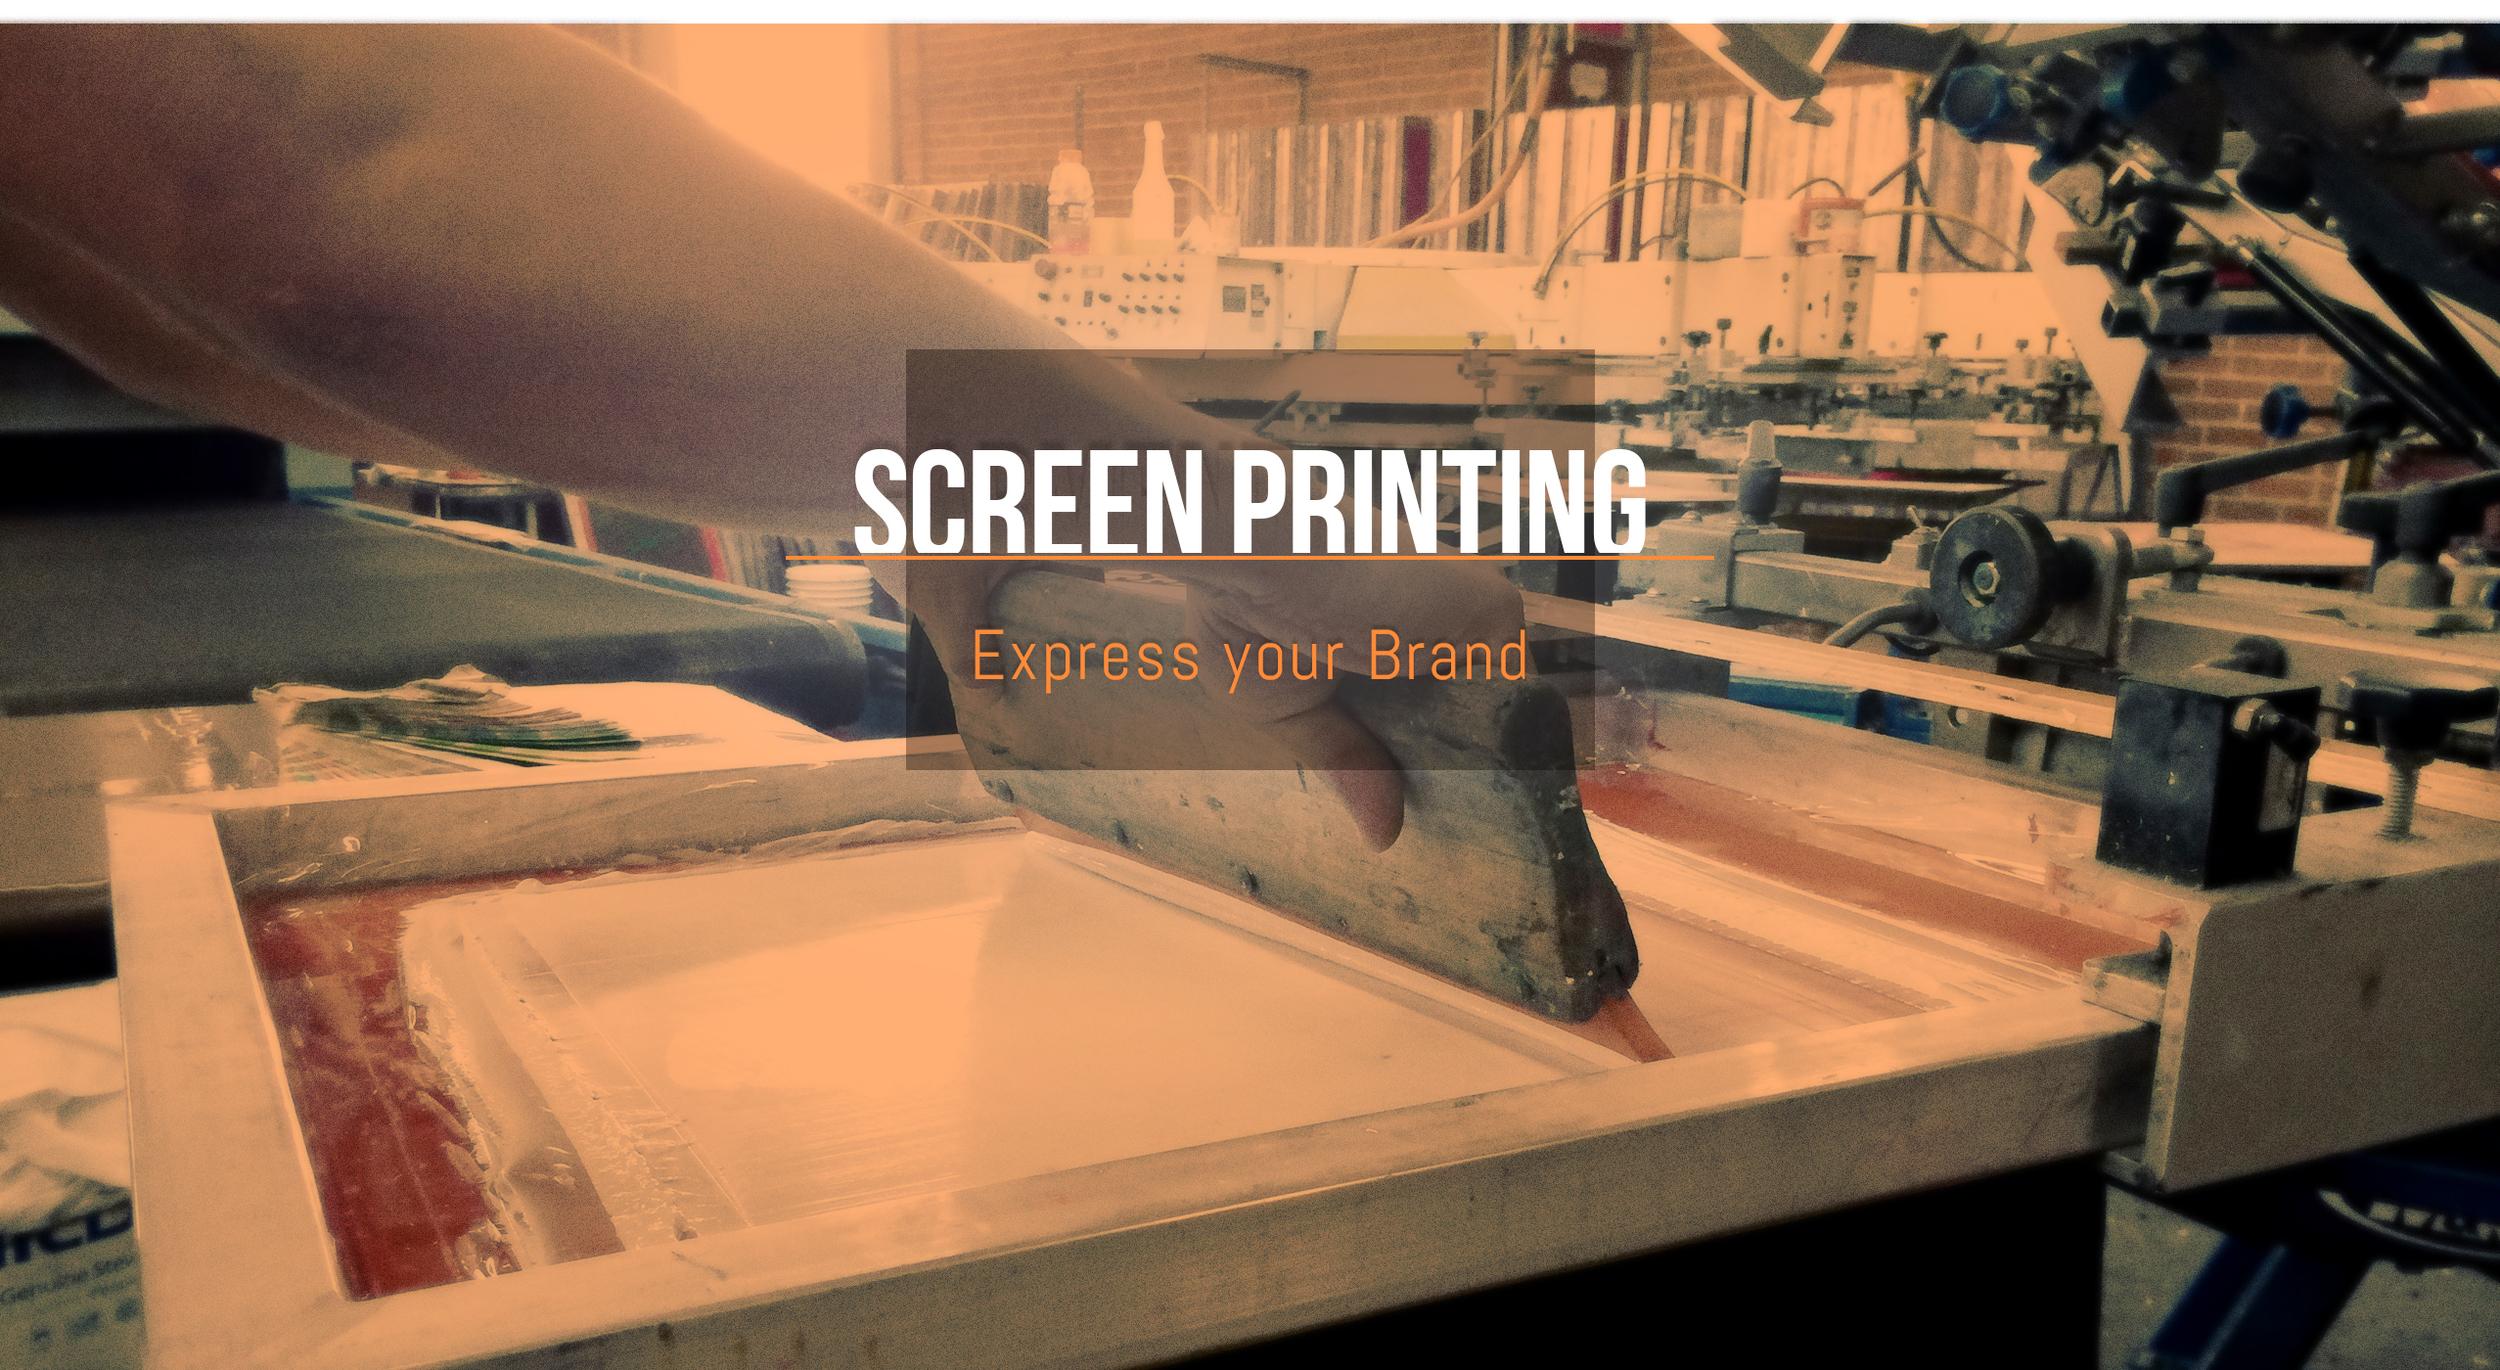 RULE sliders1 screenprinting1.jpg